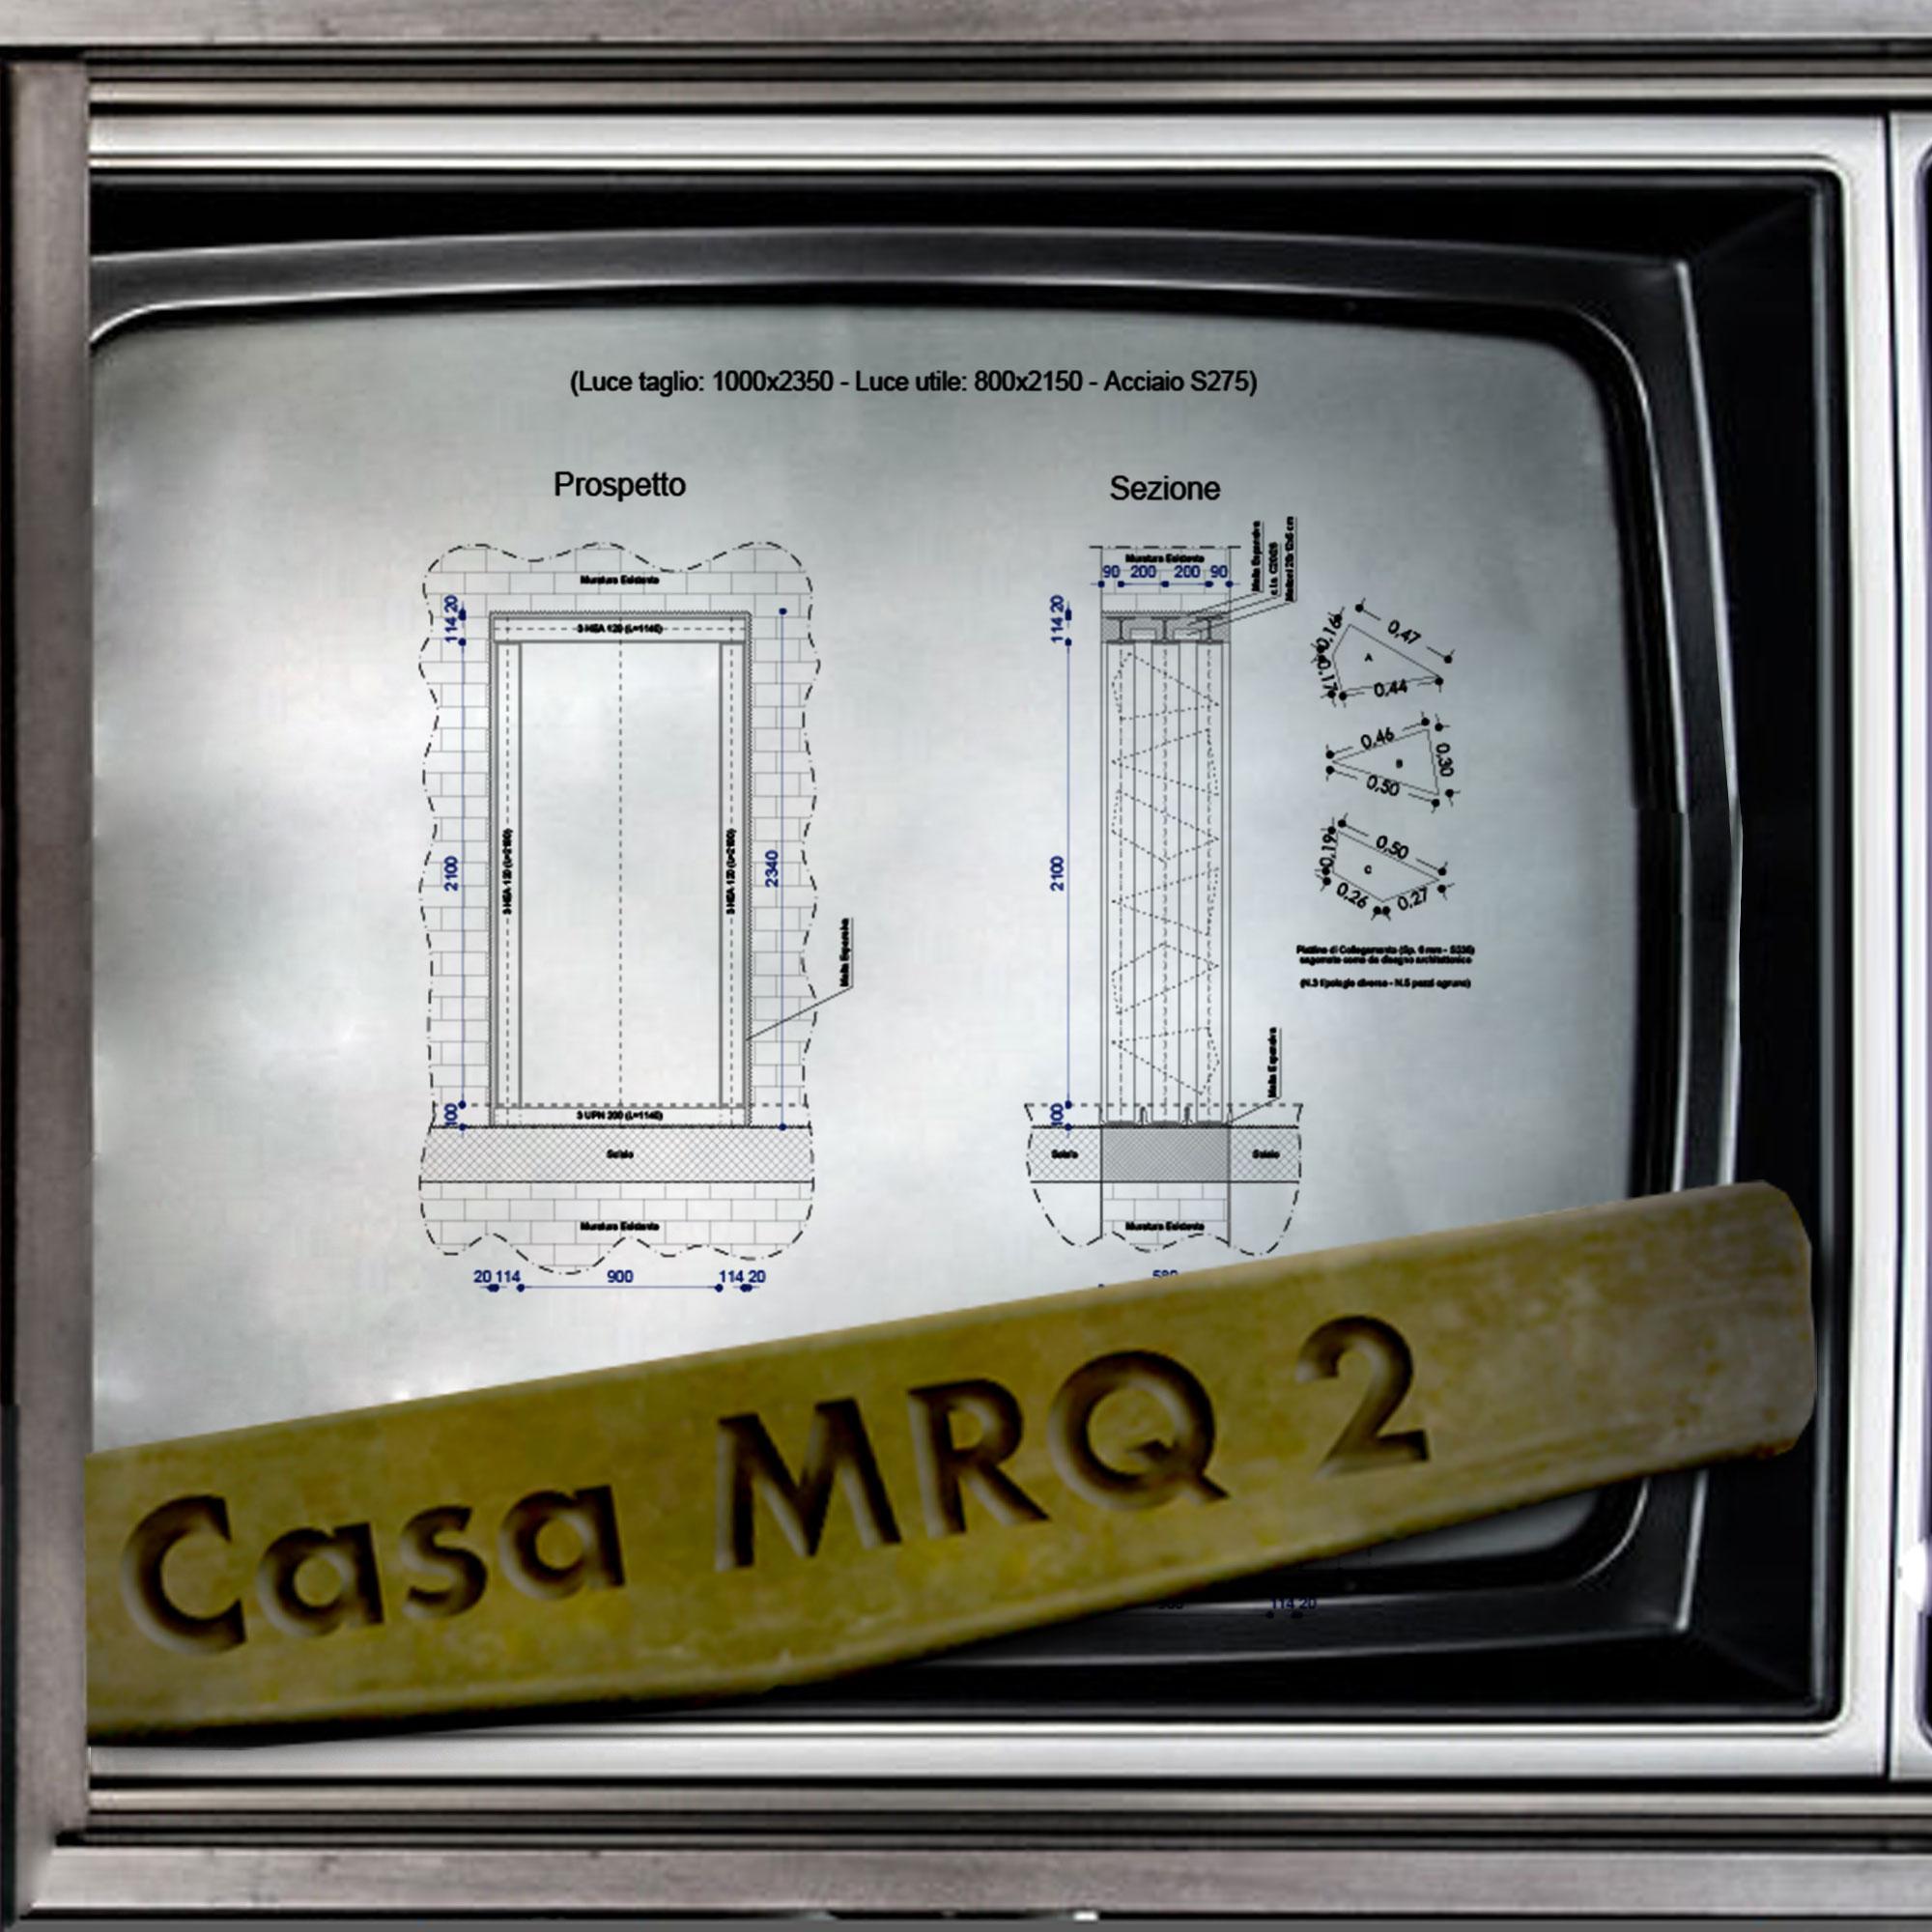 Casa-MRQ-Frazionamento-immobiliare-23-